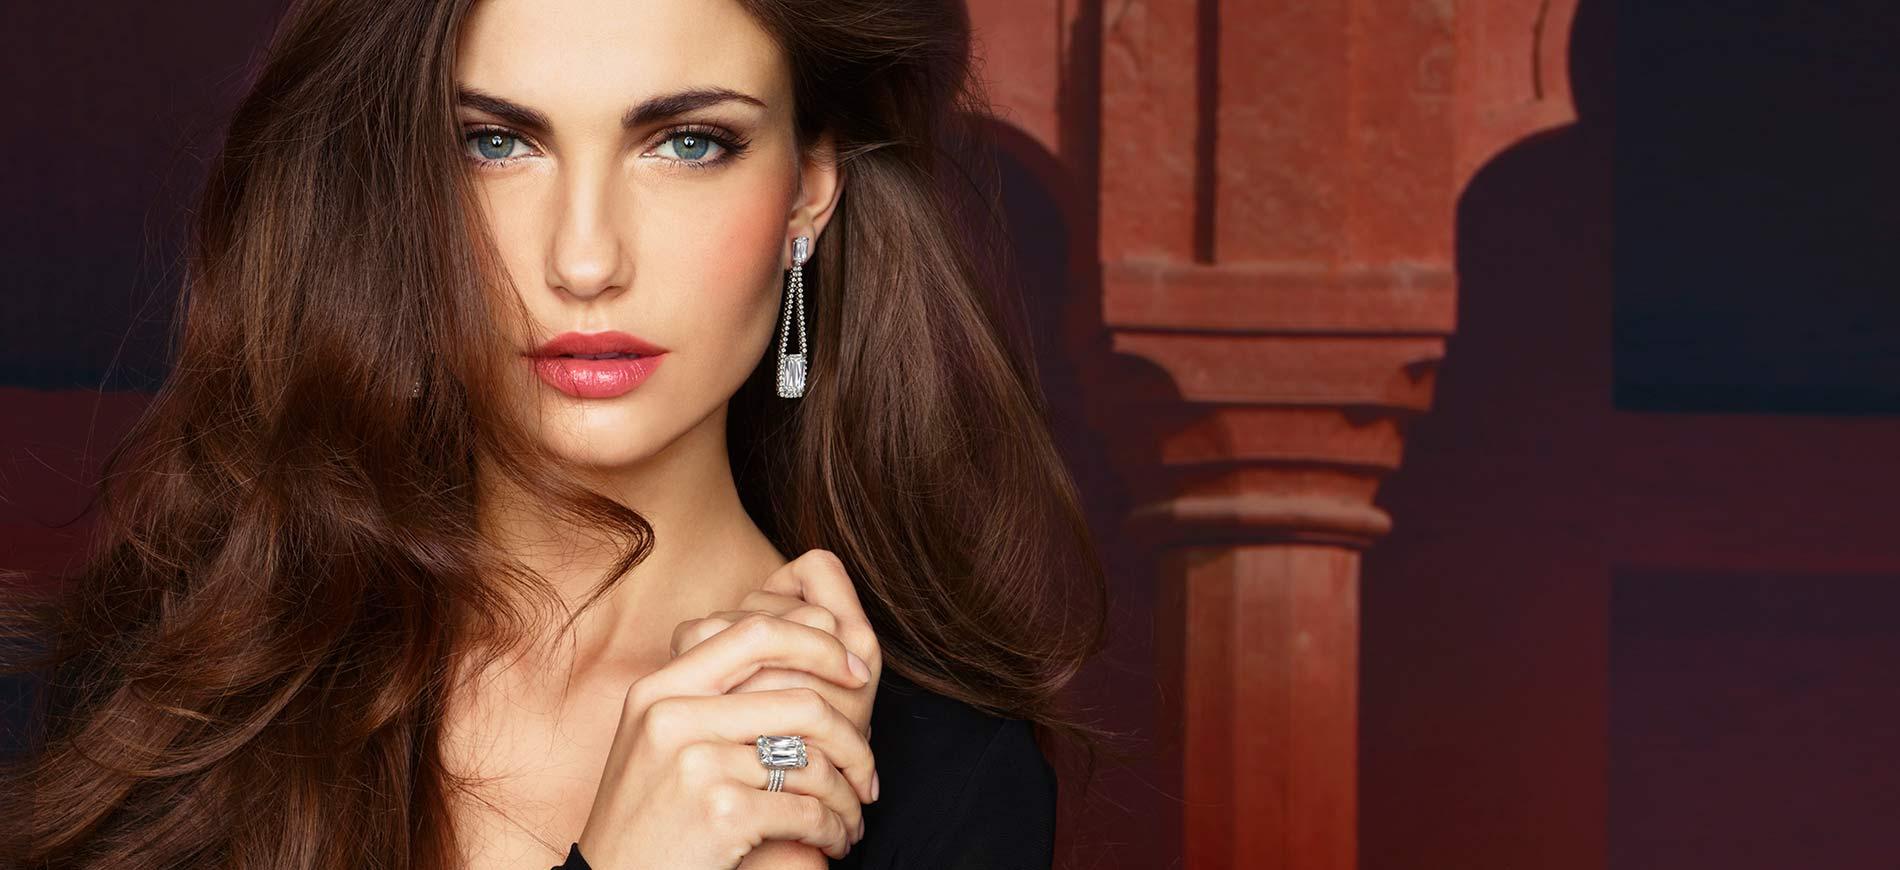 GemGenève, fiera delle gemme e dell'alta gioielleria: Modella indossa parure Ashoka di William Goldberg